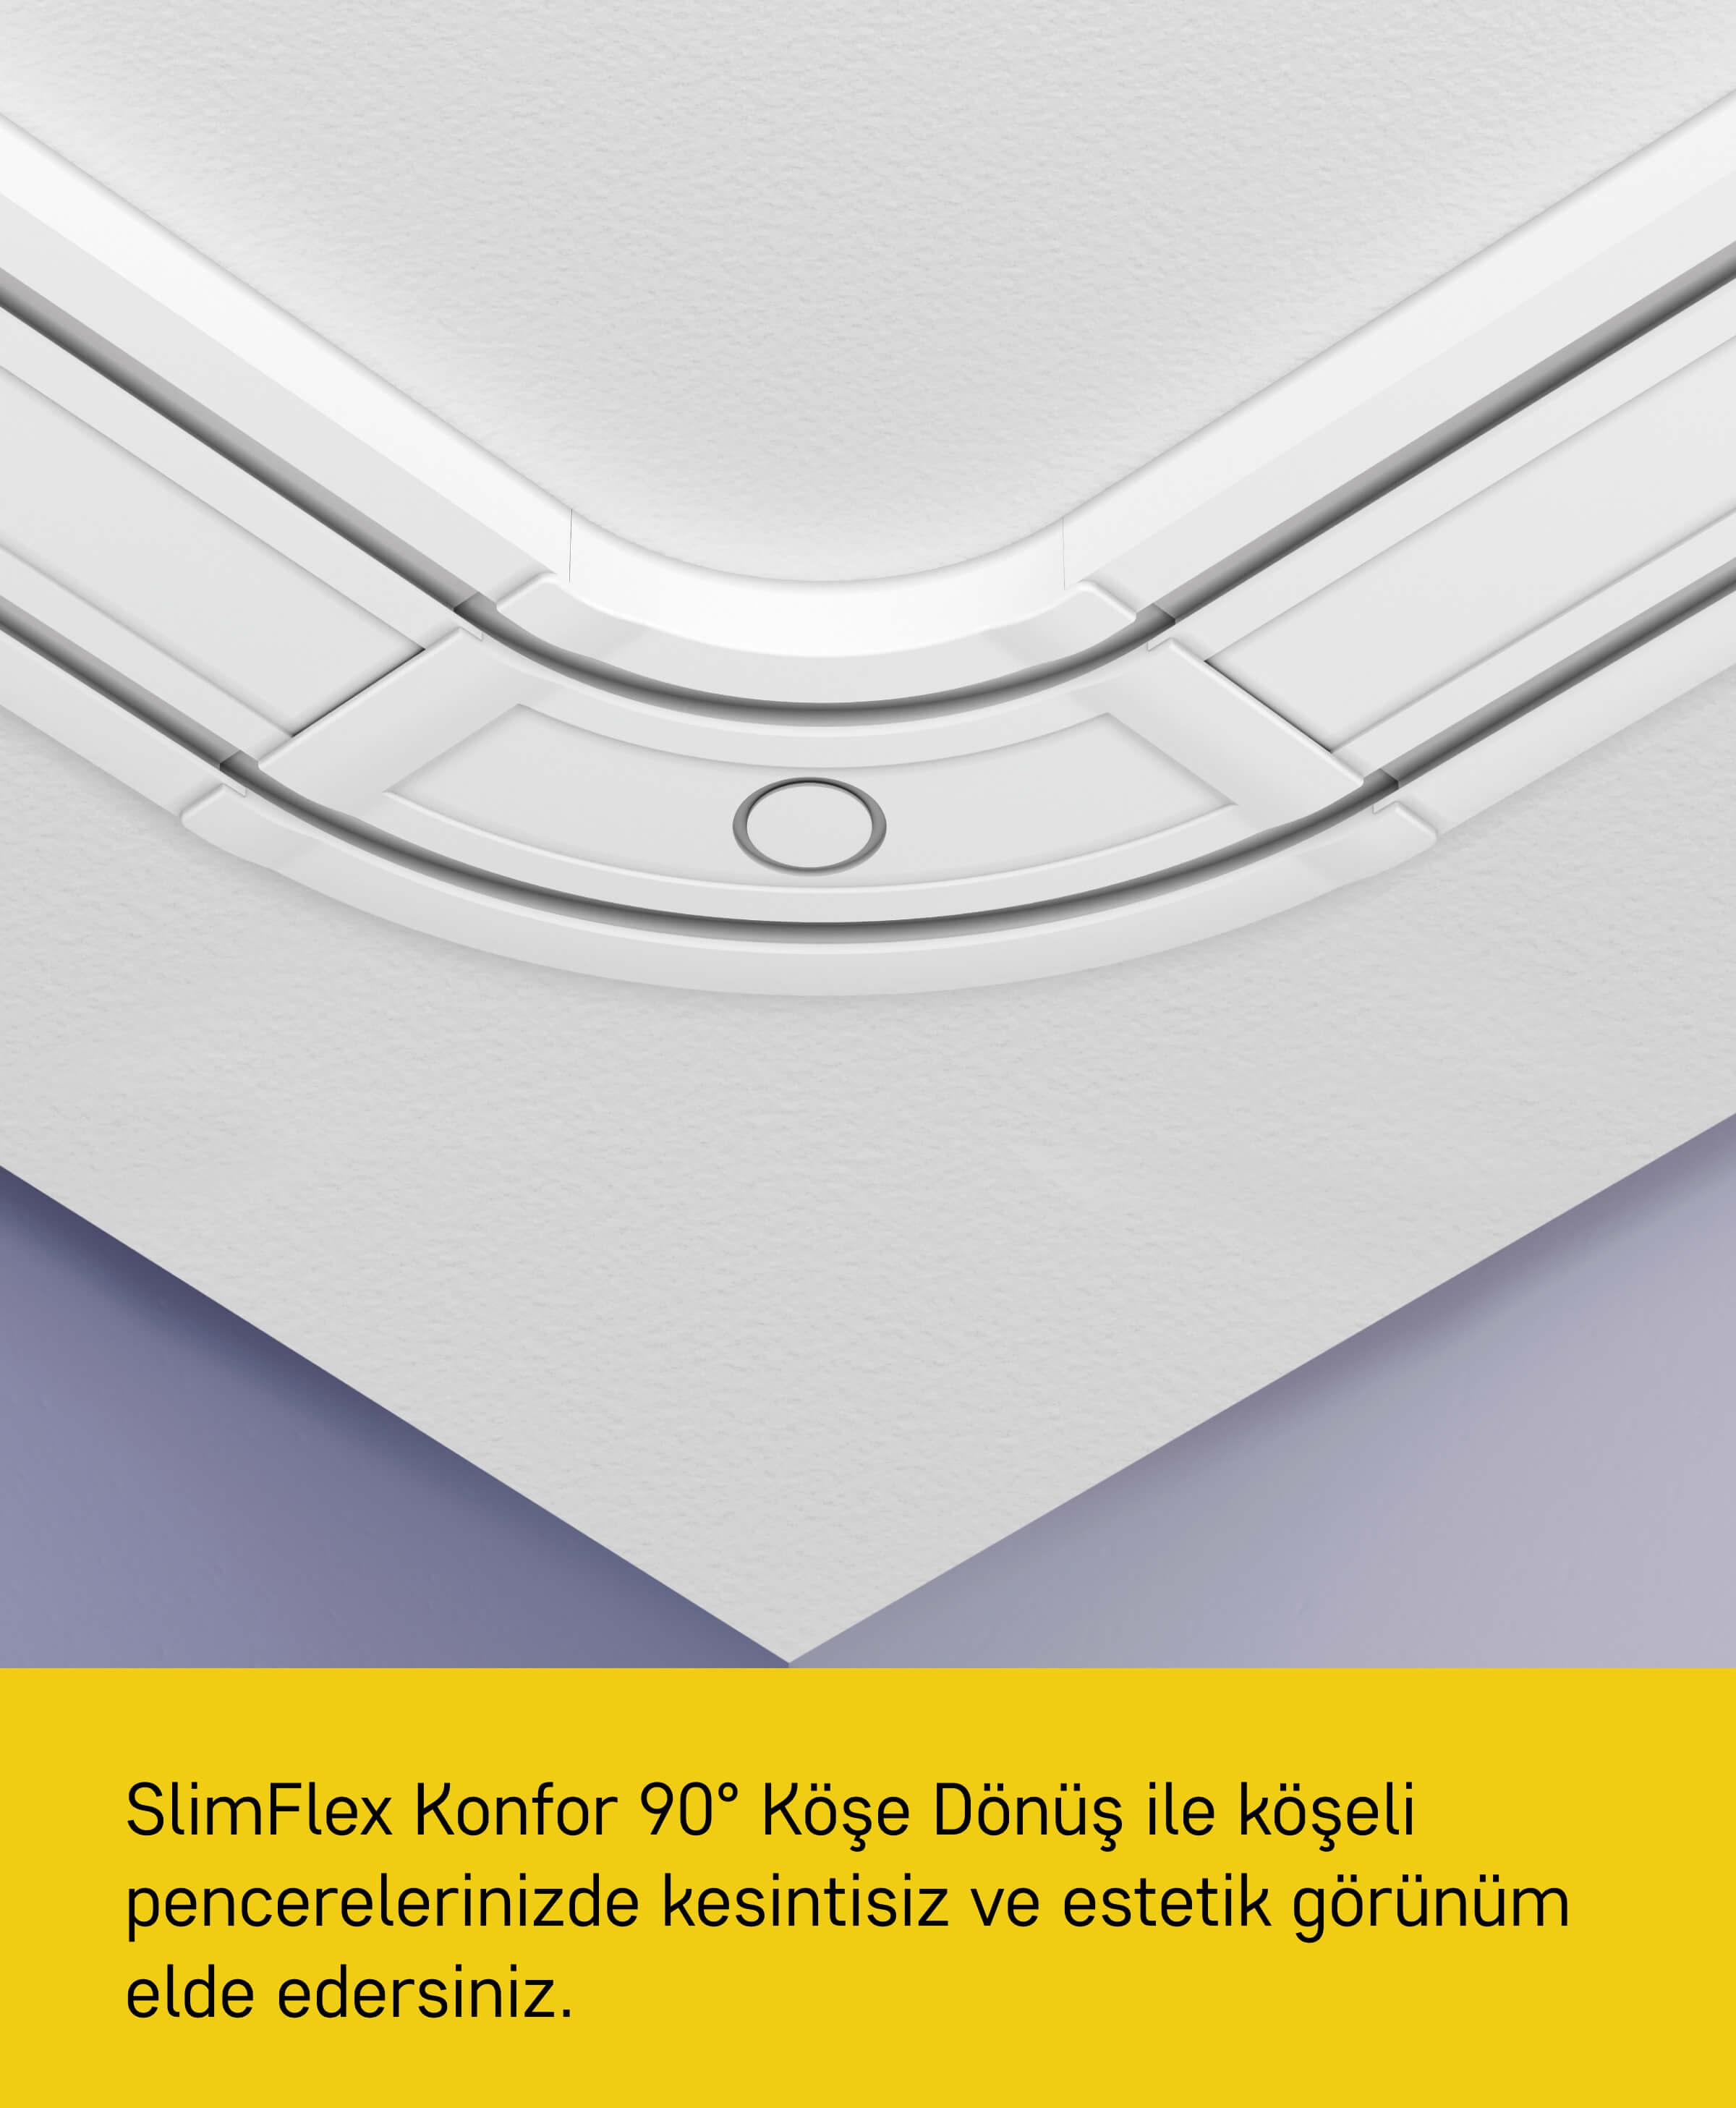 Slimflex 90 derece köşe dönüş